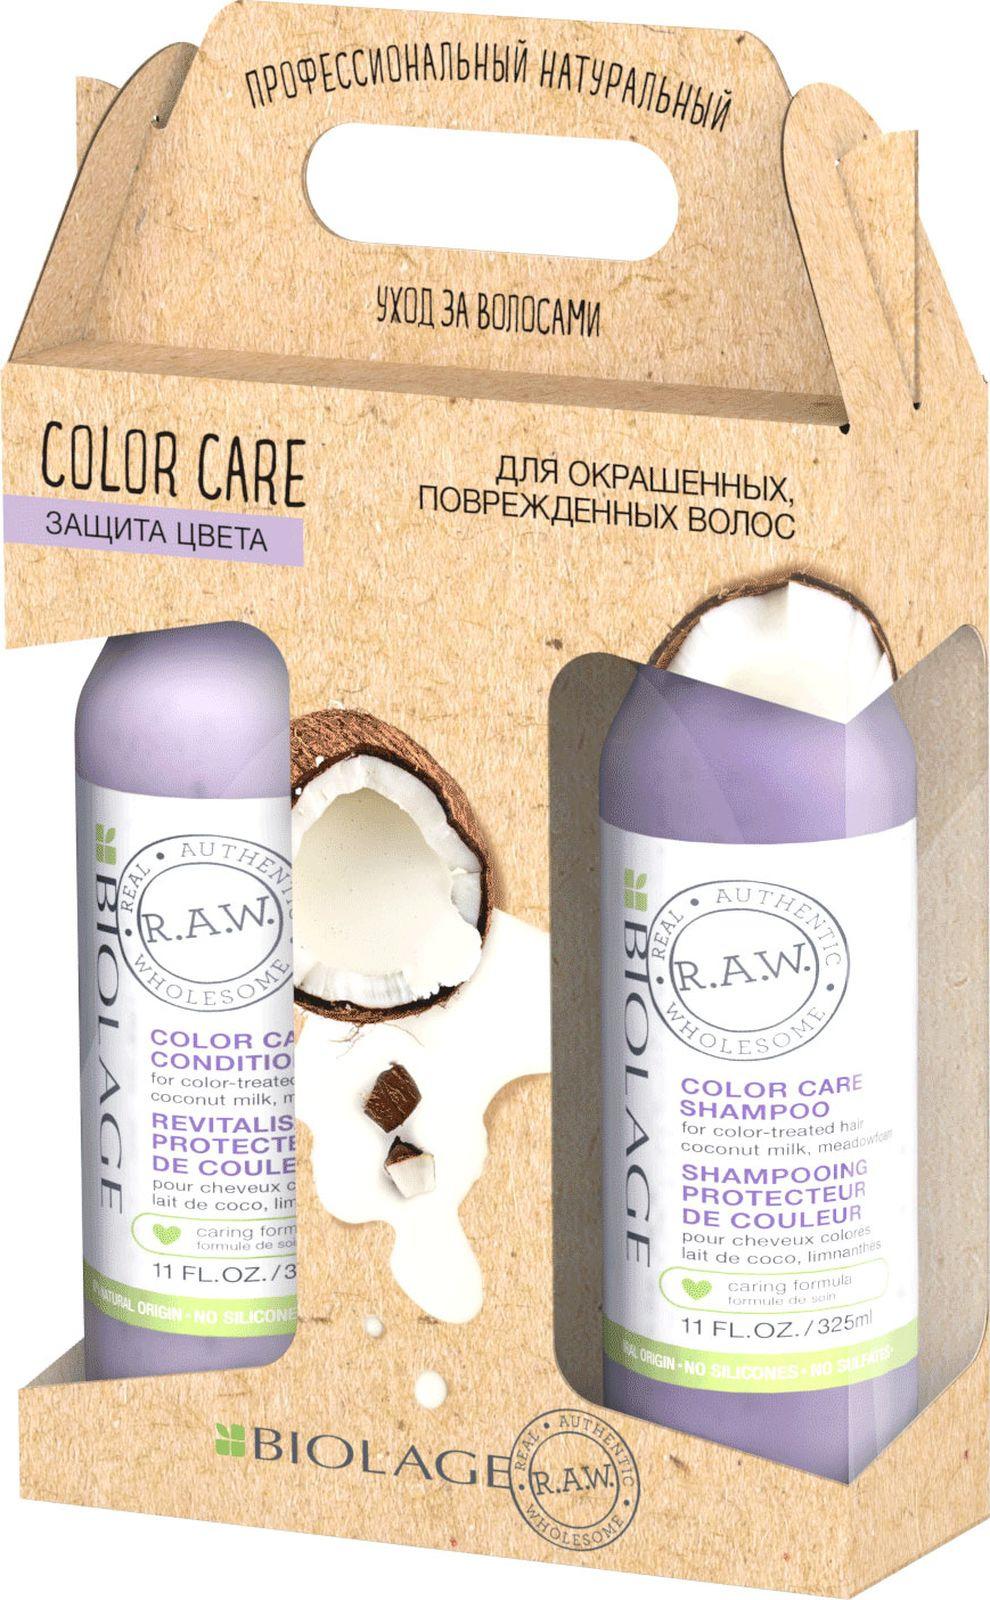 Косметический набор для волос Matrix Biolage R.A.W. Color Care